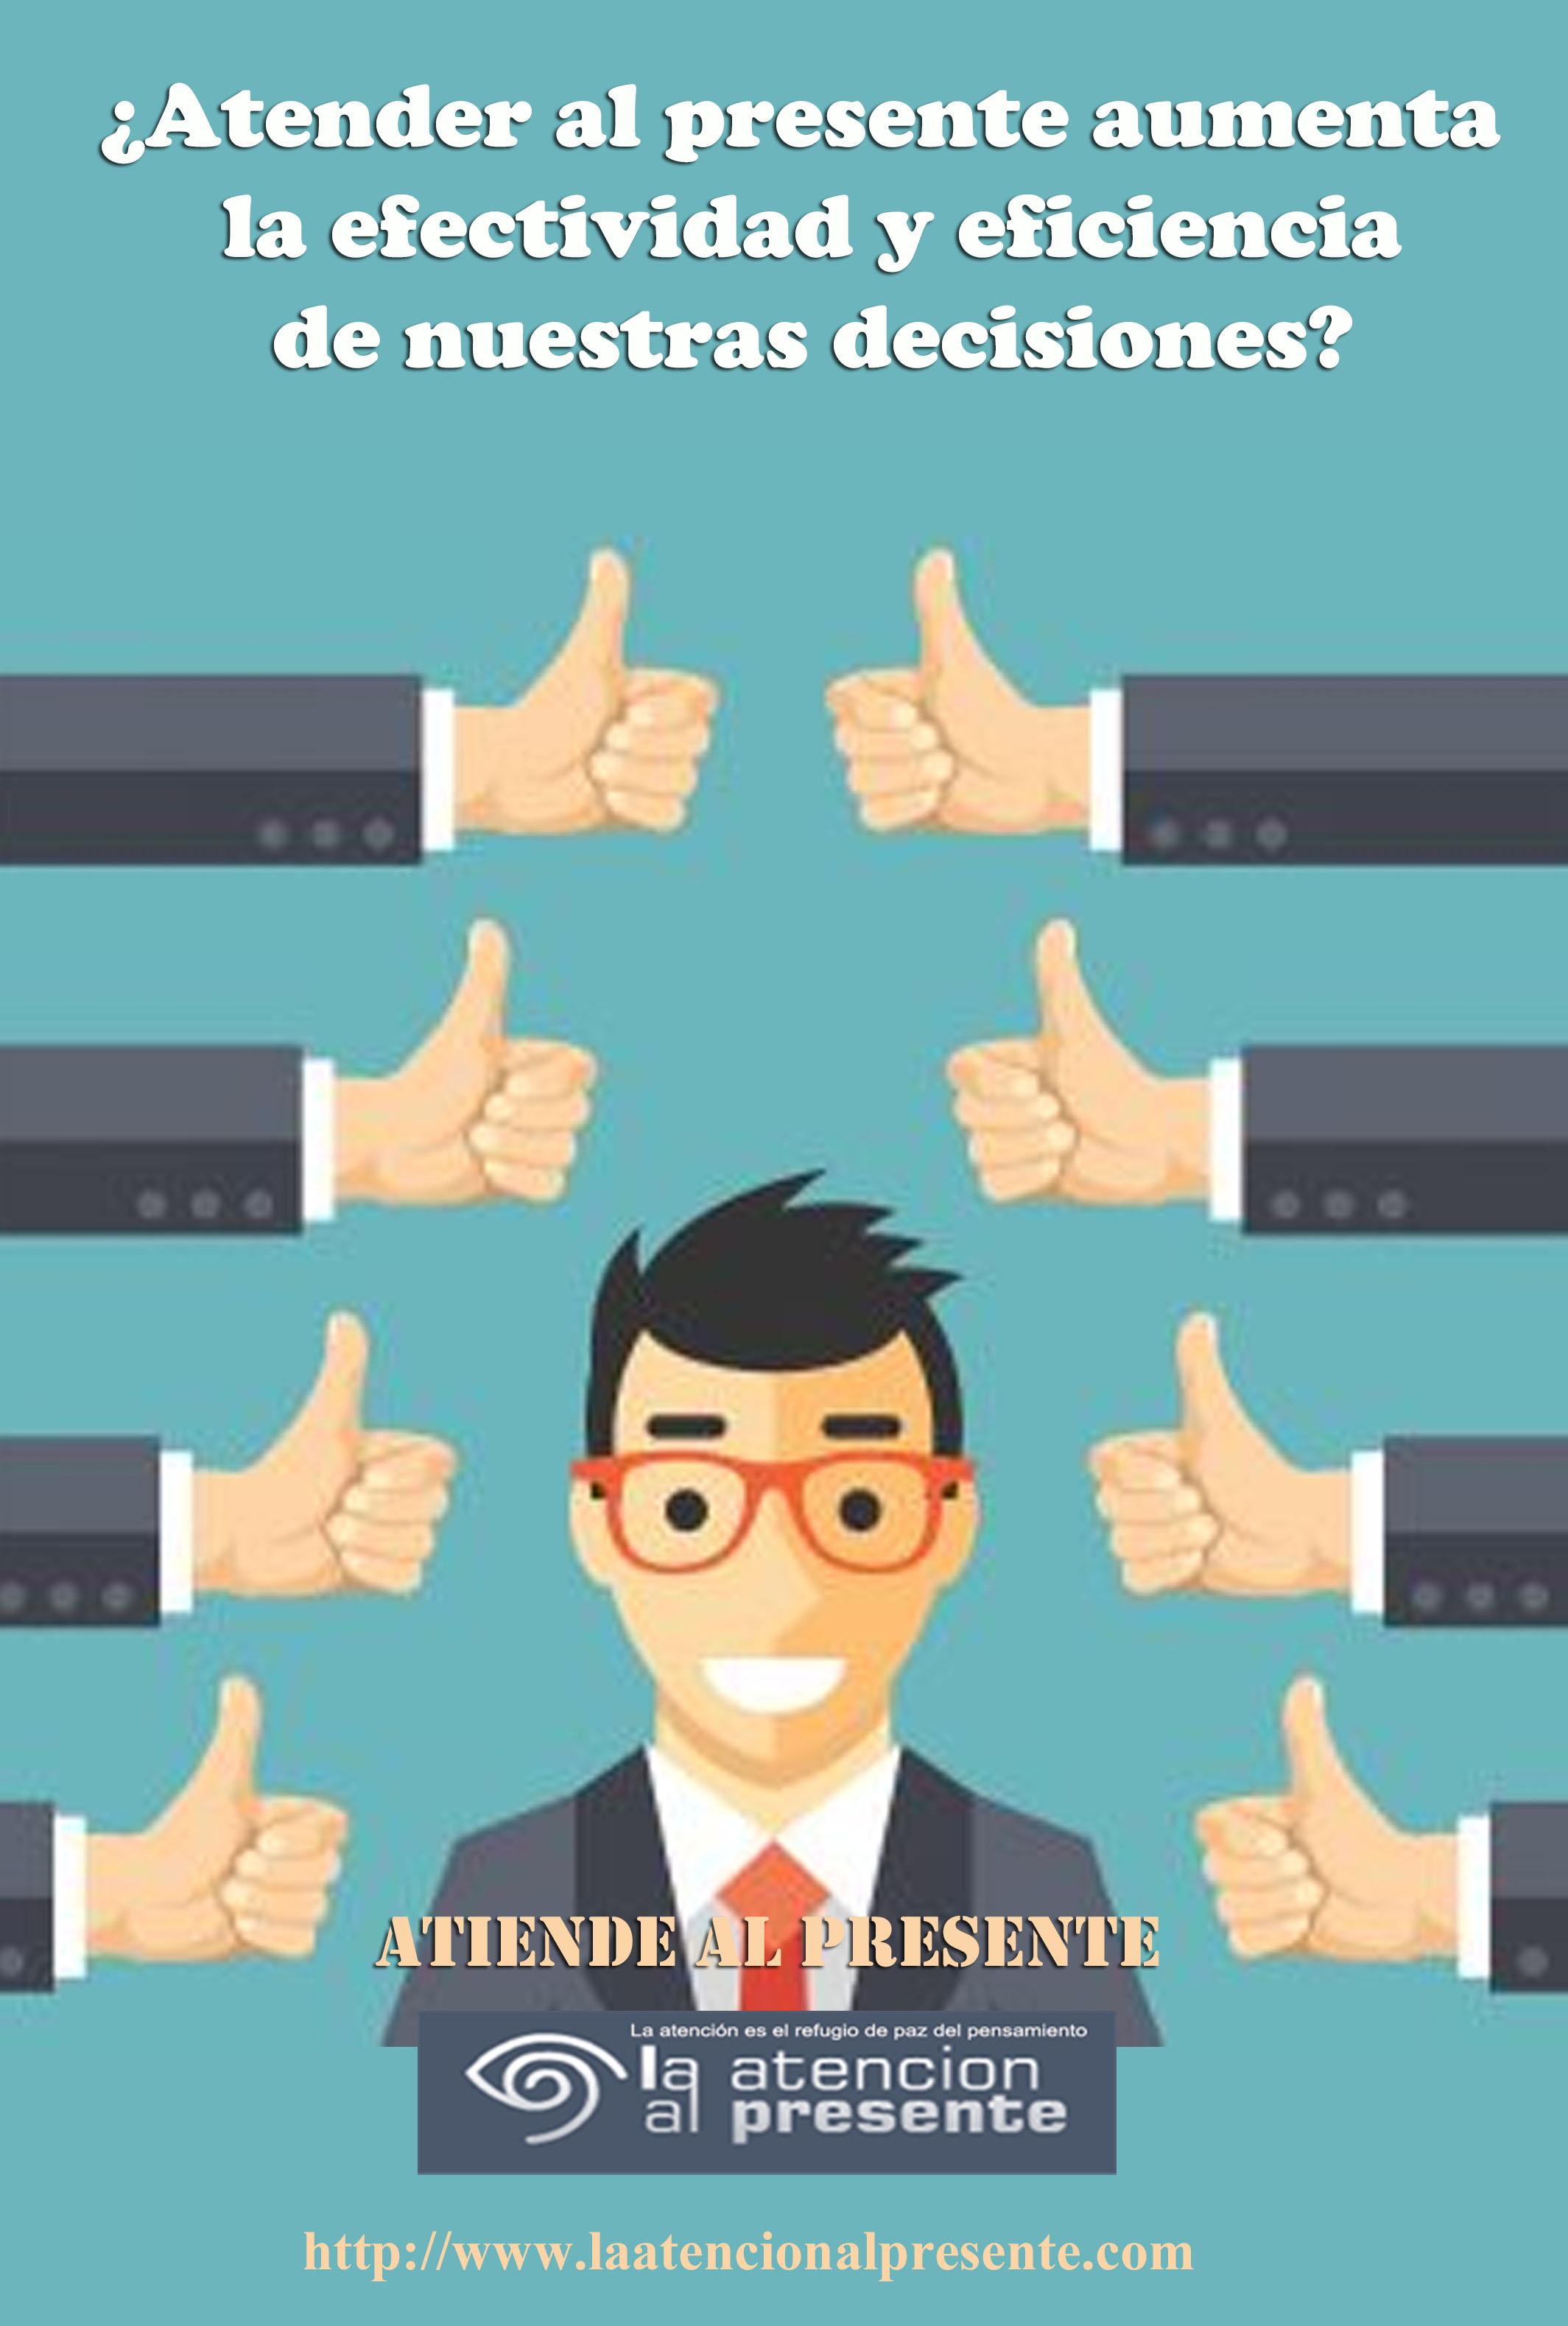 27 de julio Esteban Atender al presente aumenta la efectividad y eficiencia de nuestras decisiones